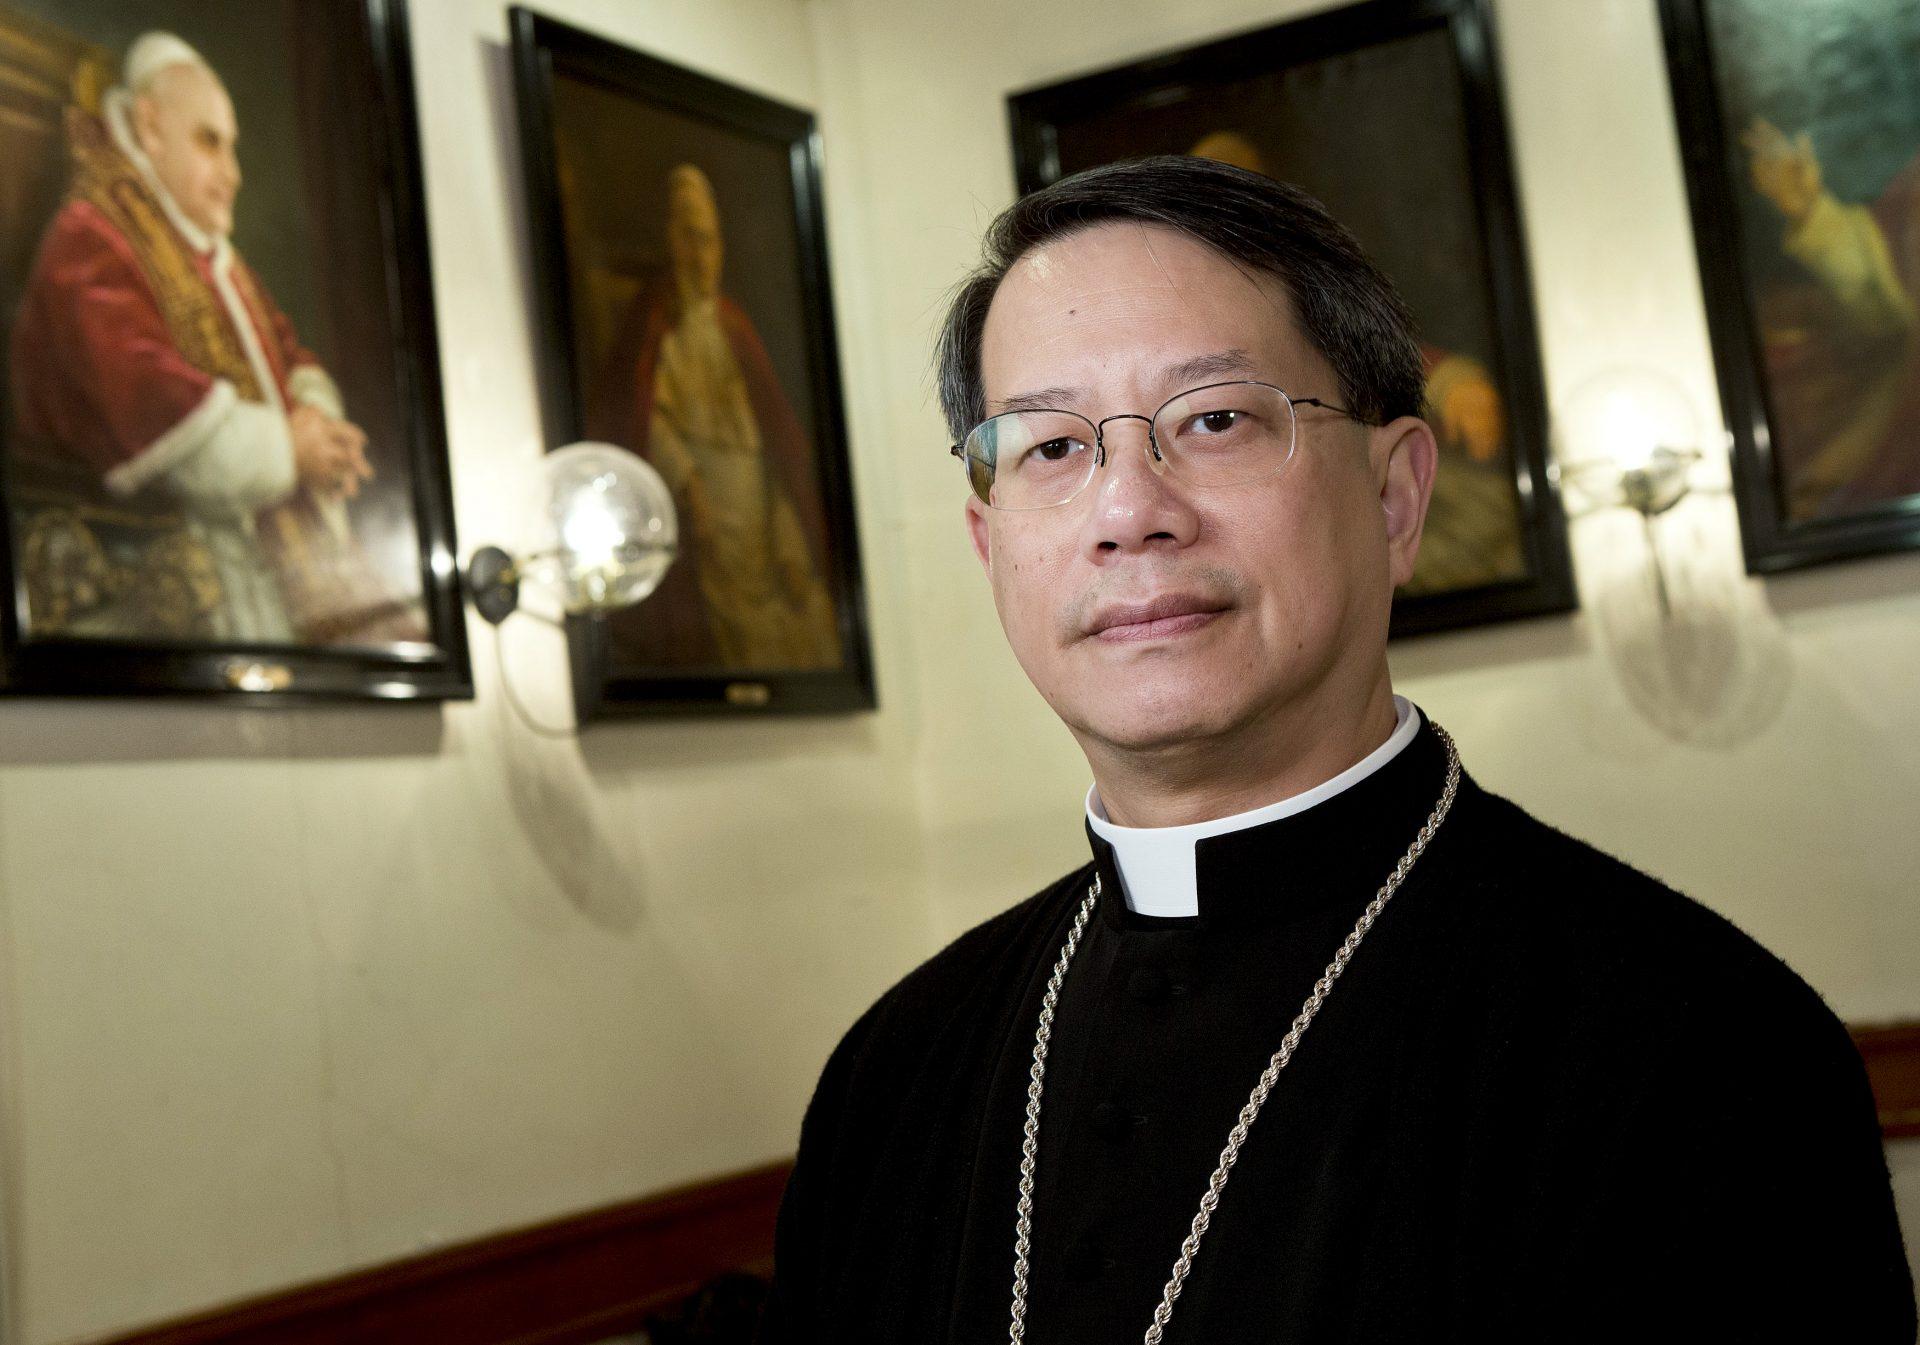 Novo bispo receia fecho de universidade católica de Macau